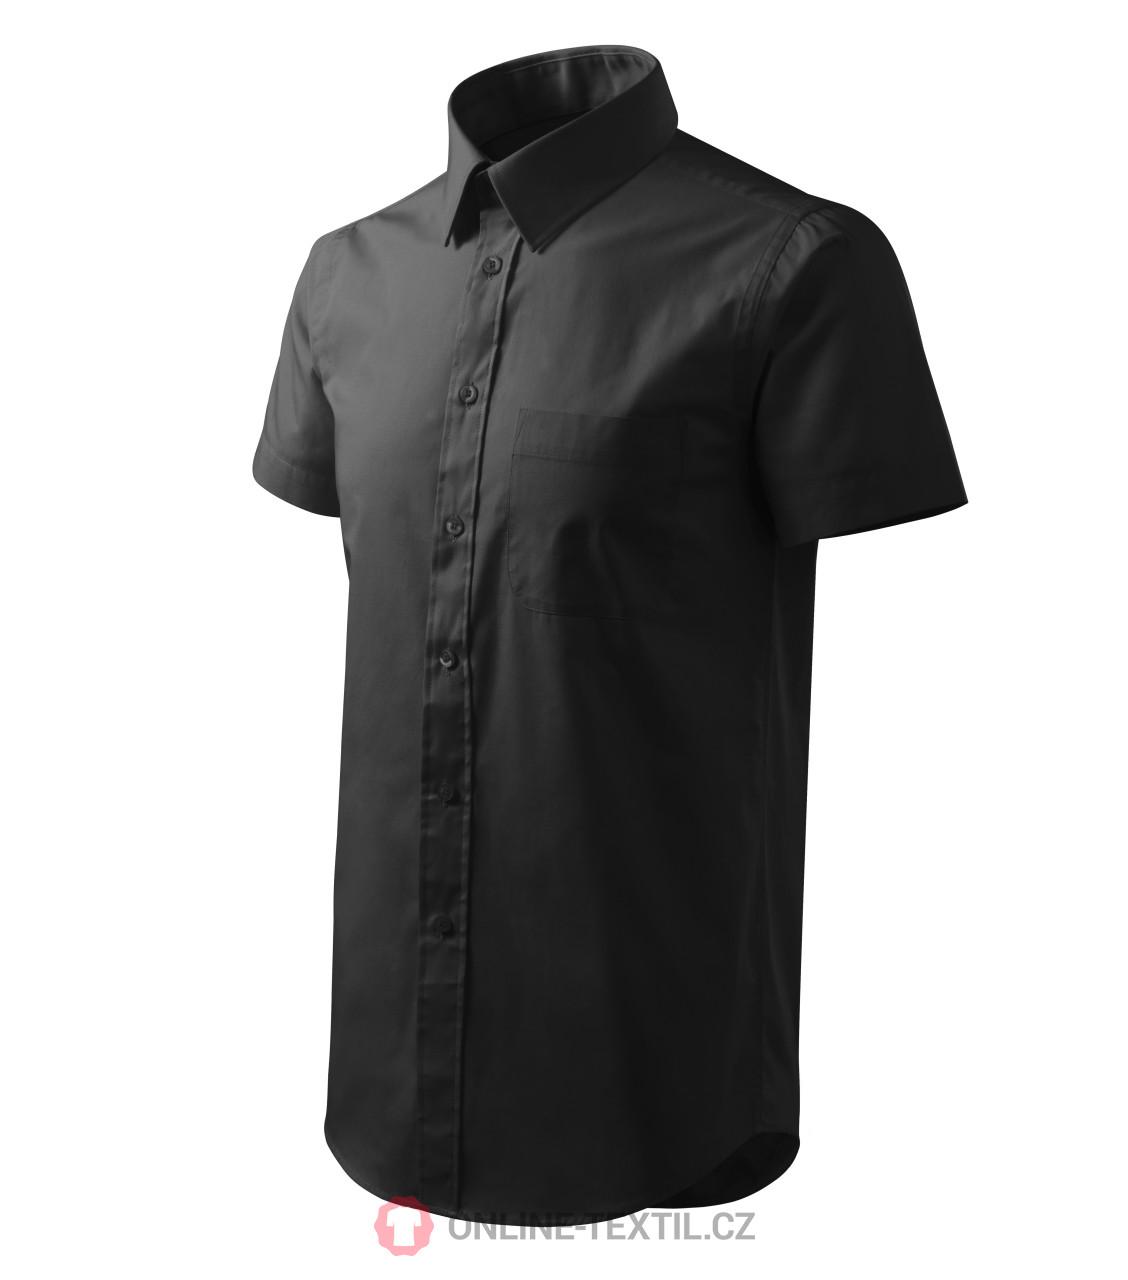 0c0d57d0f75f ADLER CZECH Pánska košeľa Chic s krátkym rukávom 207 - čierna z ...